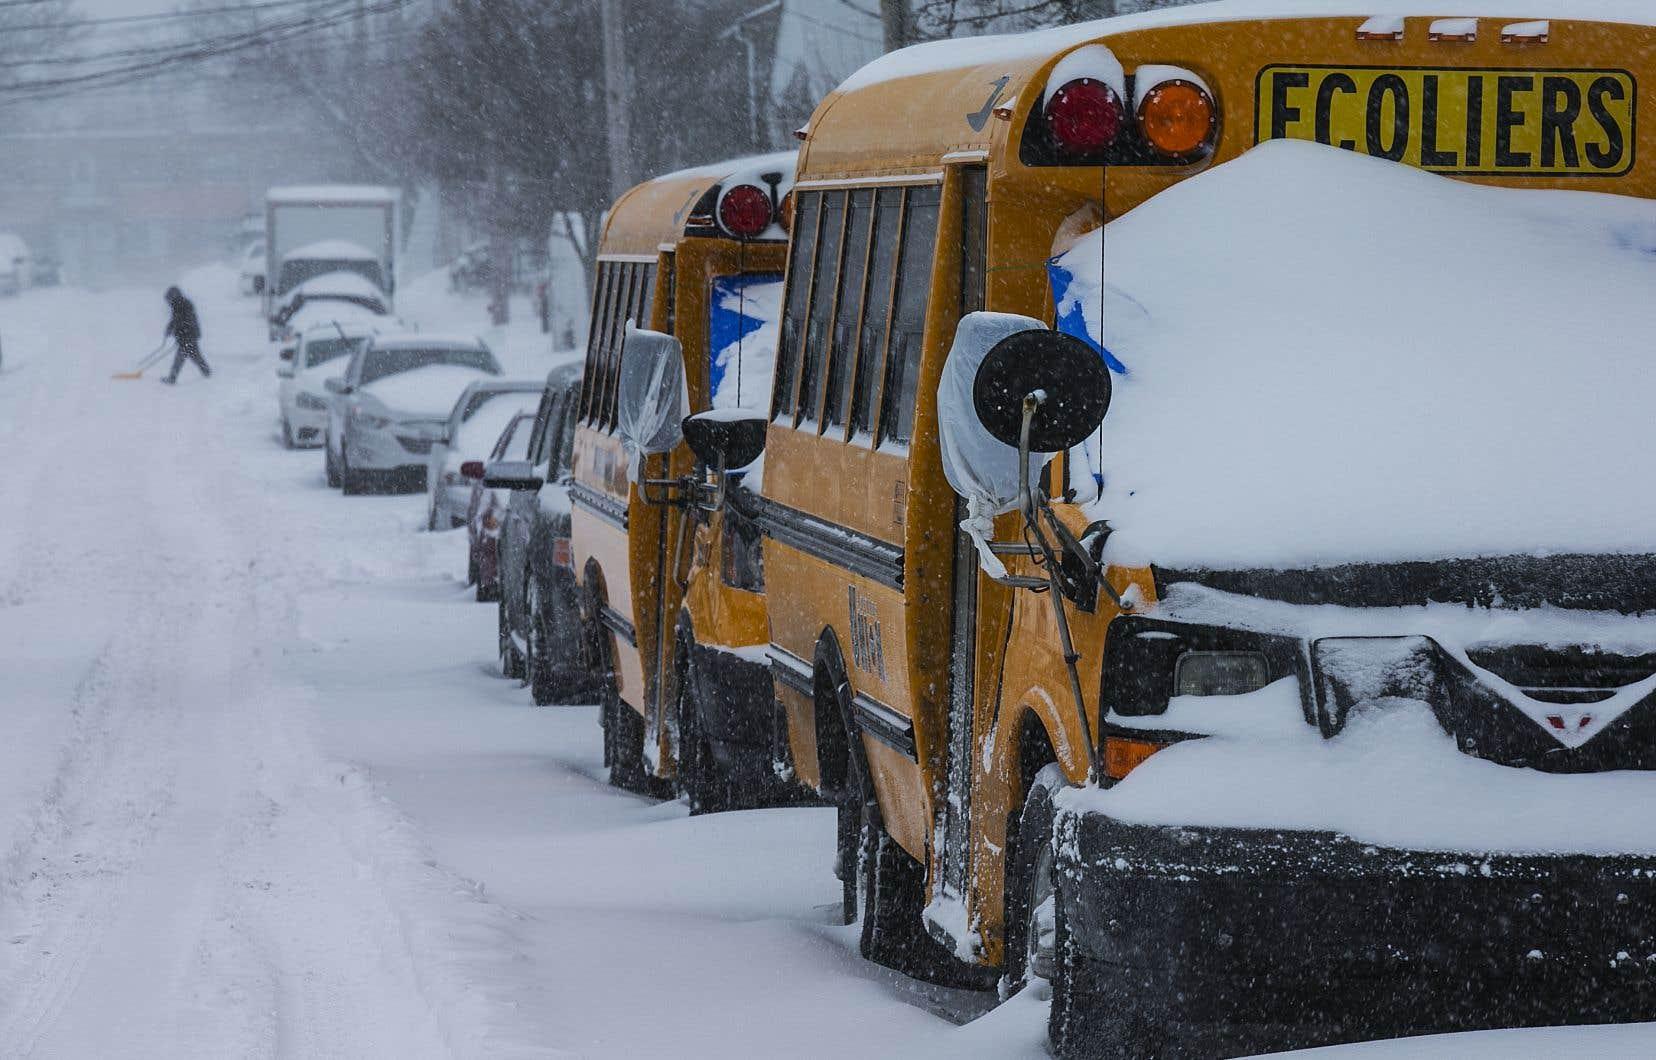 Longue fin de semaine en perspective pour les élèves puisque de nombreuses écoles ont choisi de fermer leurs portes aujourd'hui.